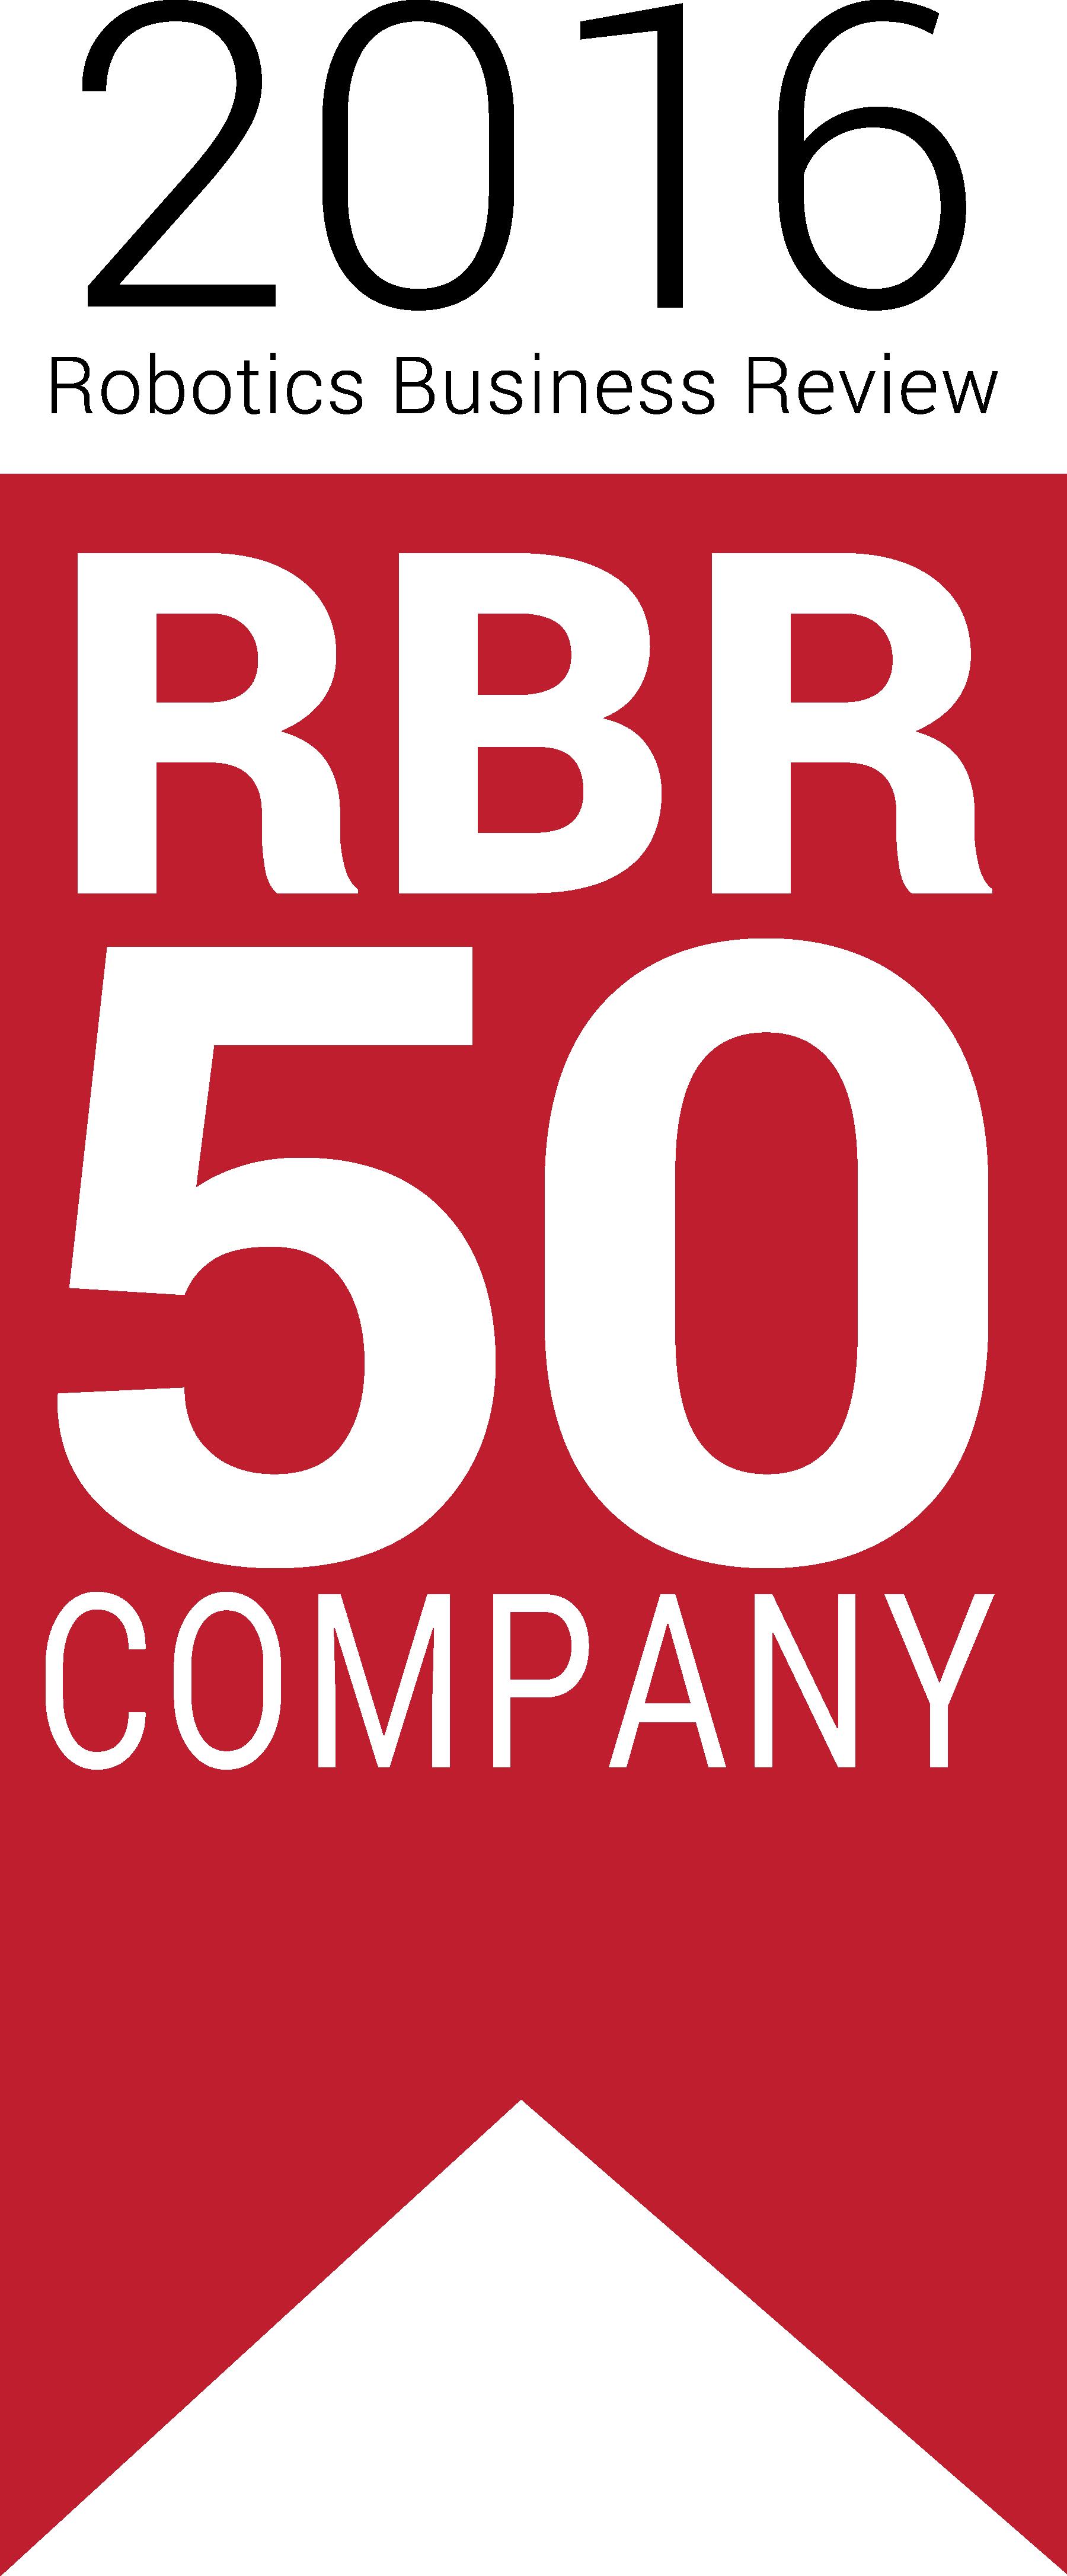 The 2016 Robotics Business Review logo